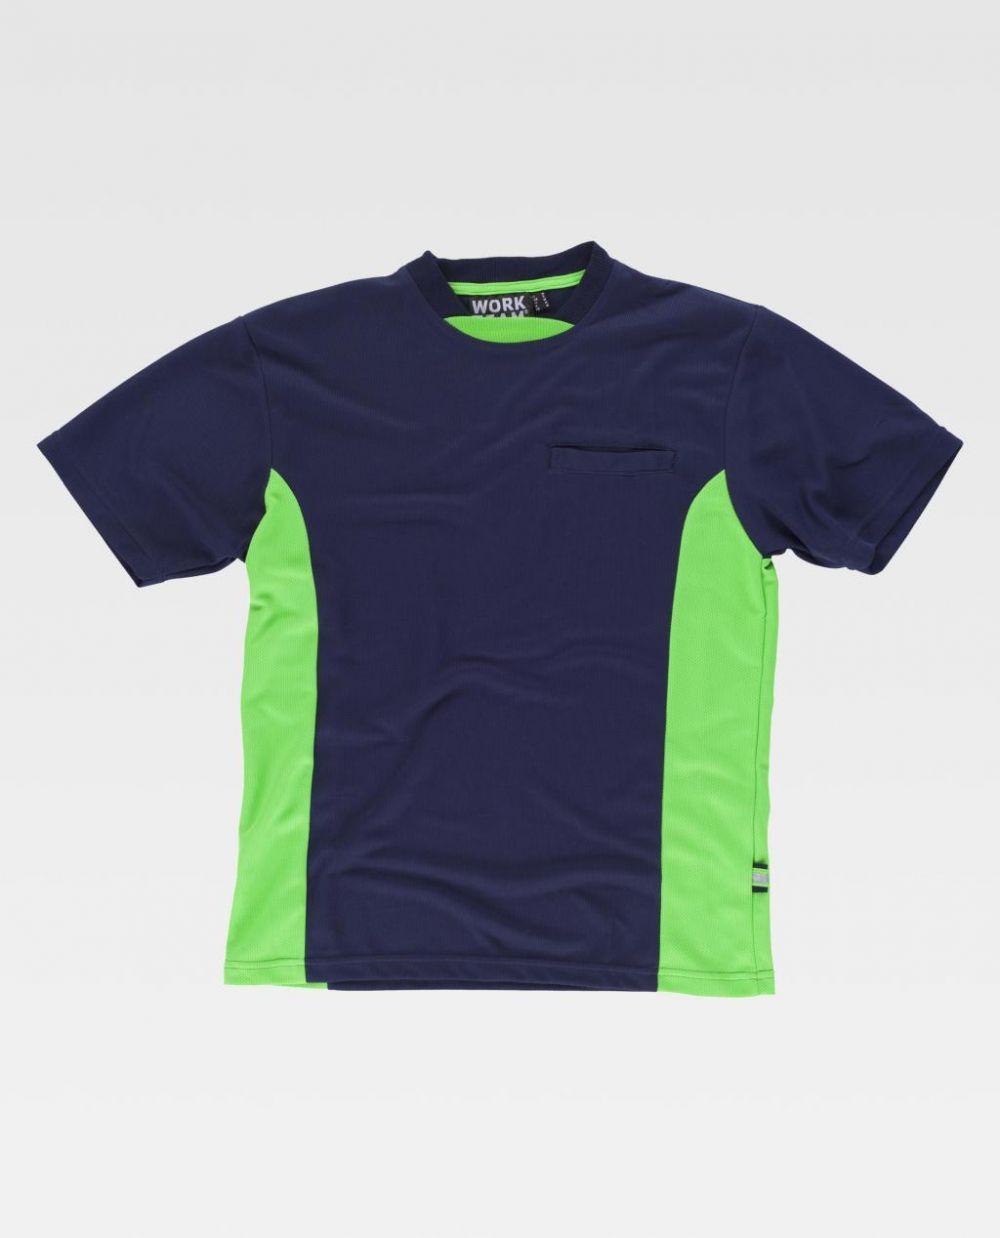 Camisetas reflectante workteam con detales fluorescentes reflectantes de poliéster con impresión vista 1